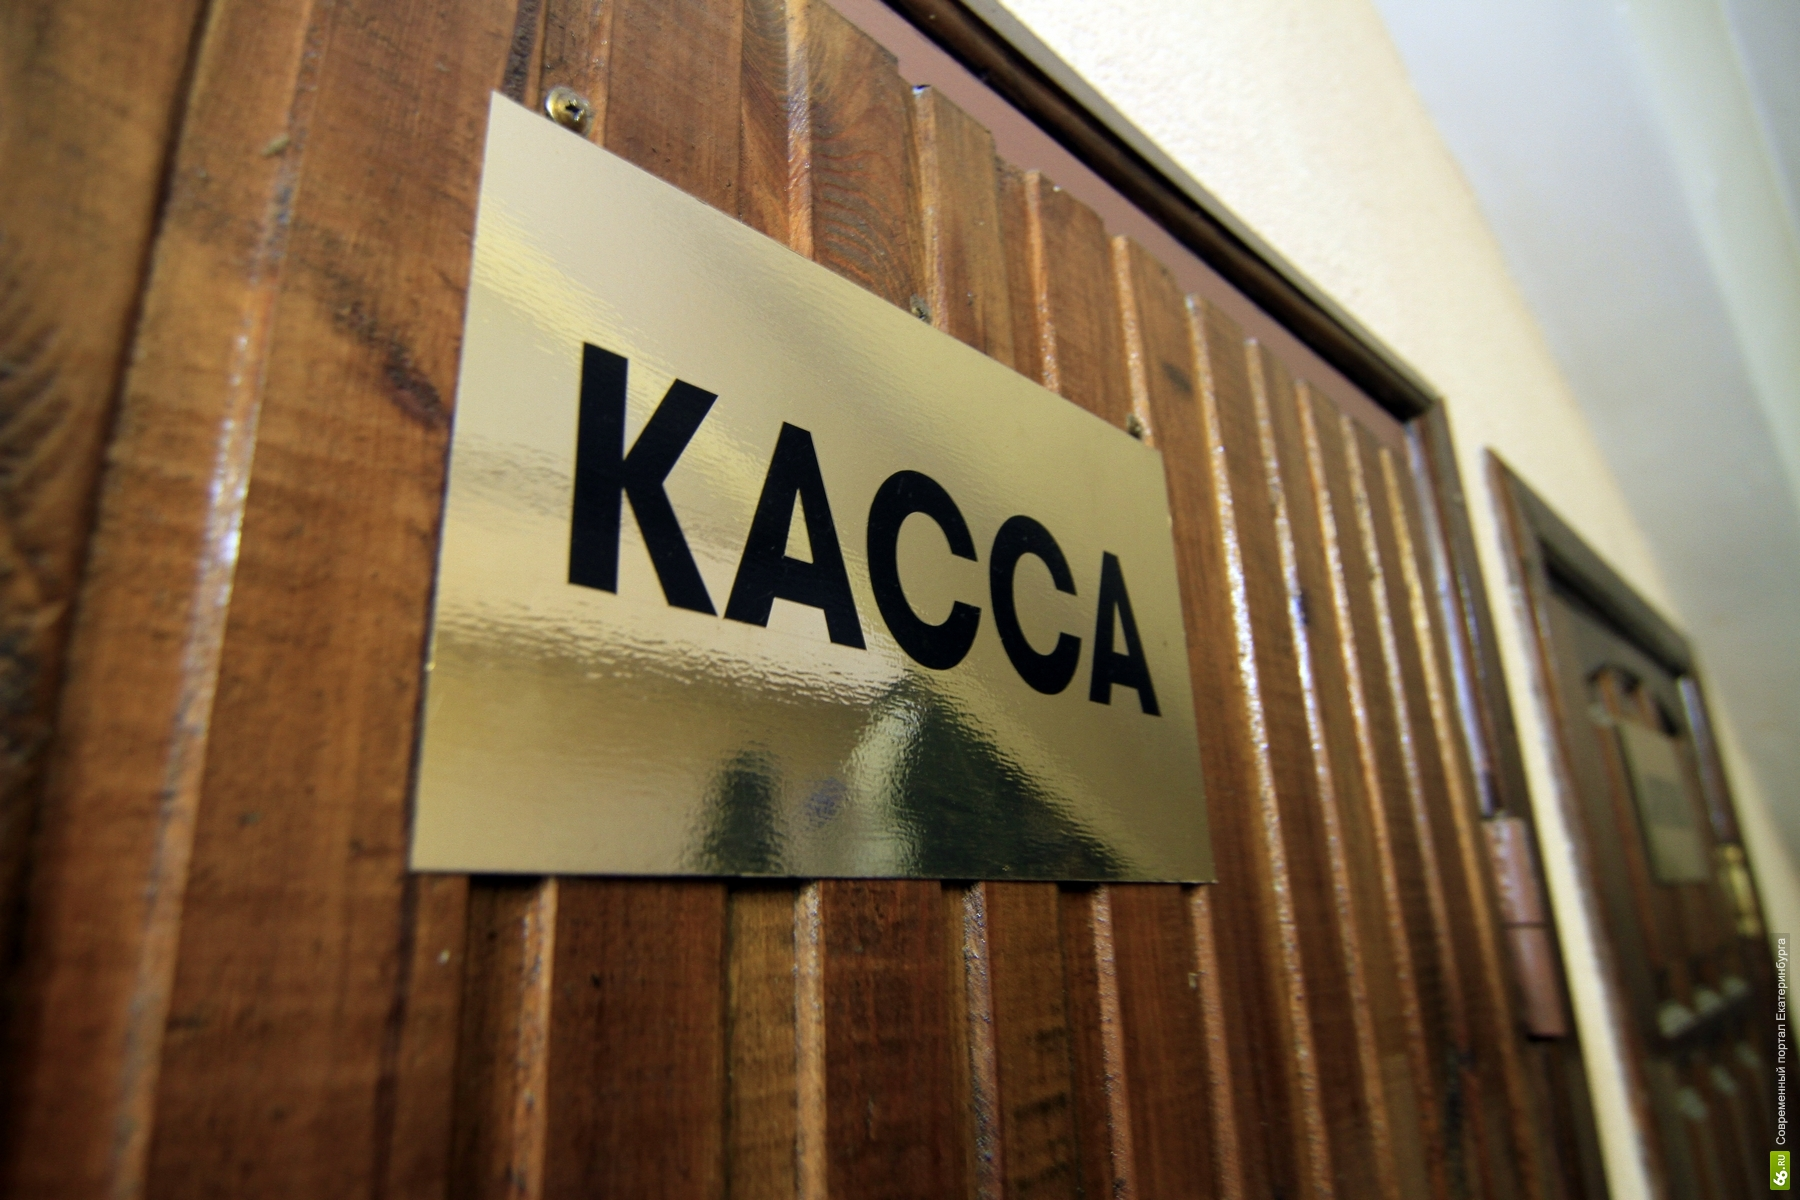 Директор красноуральского завода прокутил миллионы, взятые в кредит